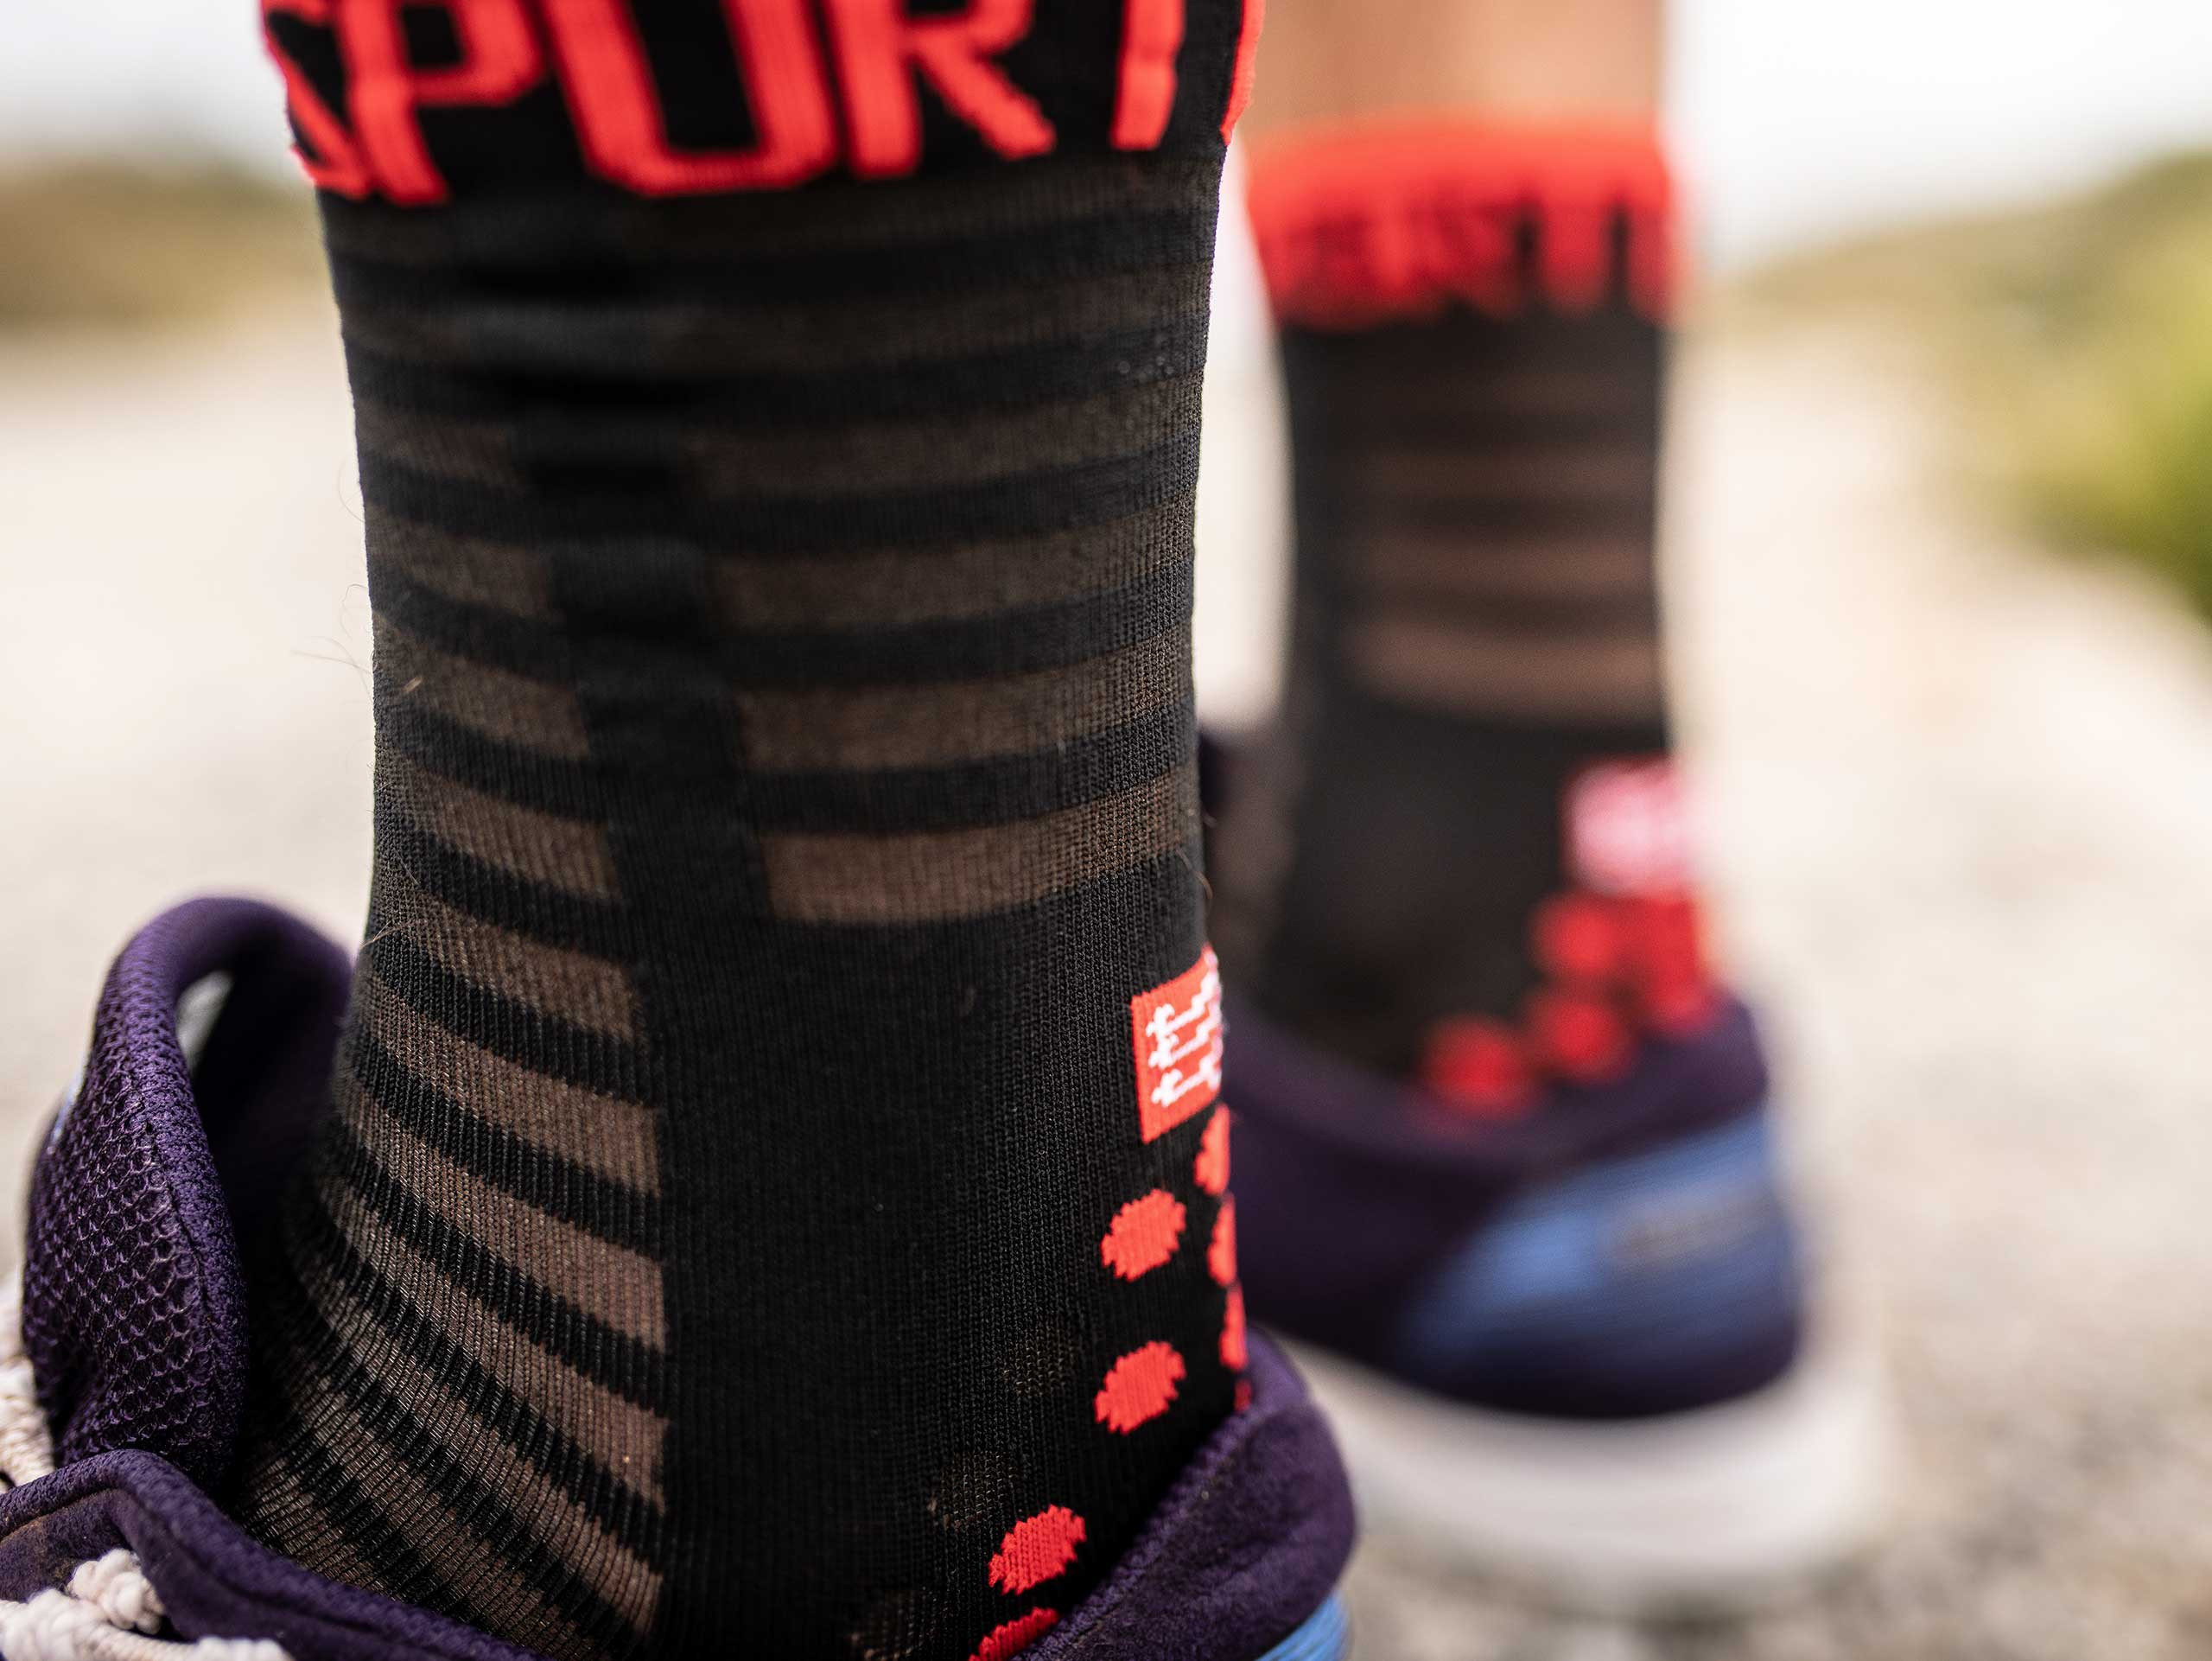 Pro Racing Socks v3.0 Ultralight Run High noir/rouge